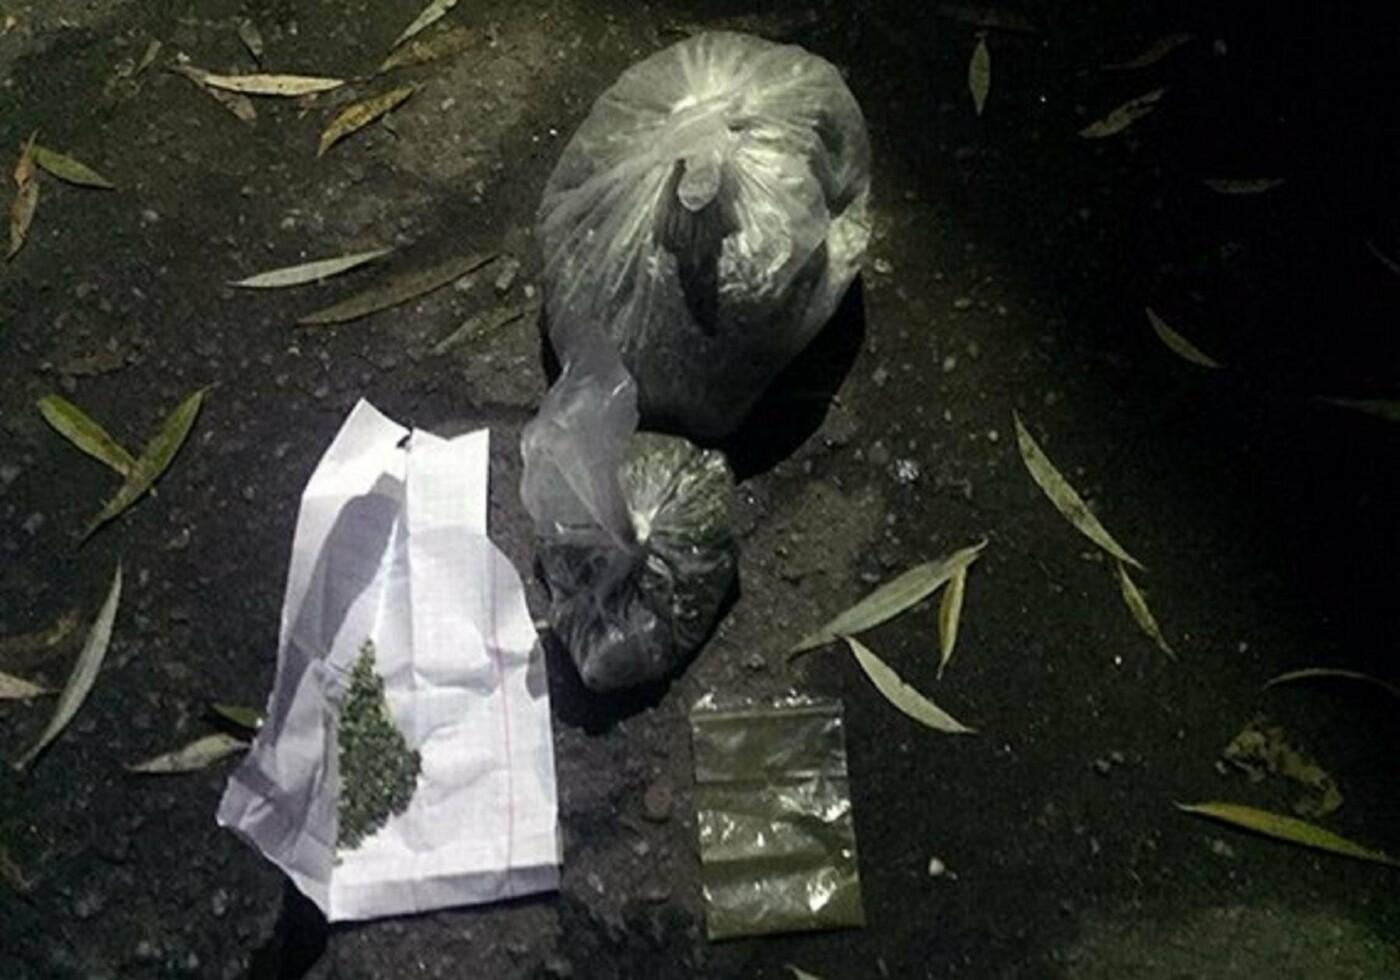 Хмельничанин пересувався по місту з повним рюкзаком наркотиків (Фото), фото-1